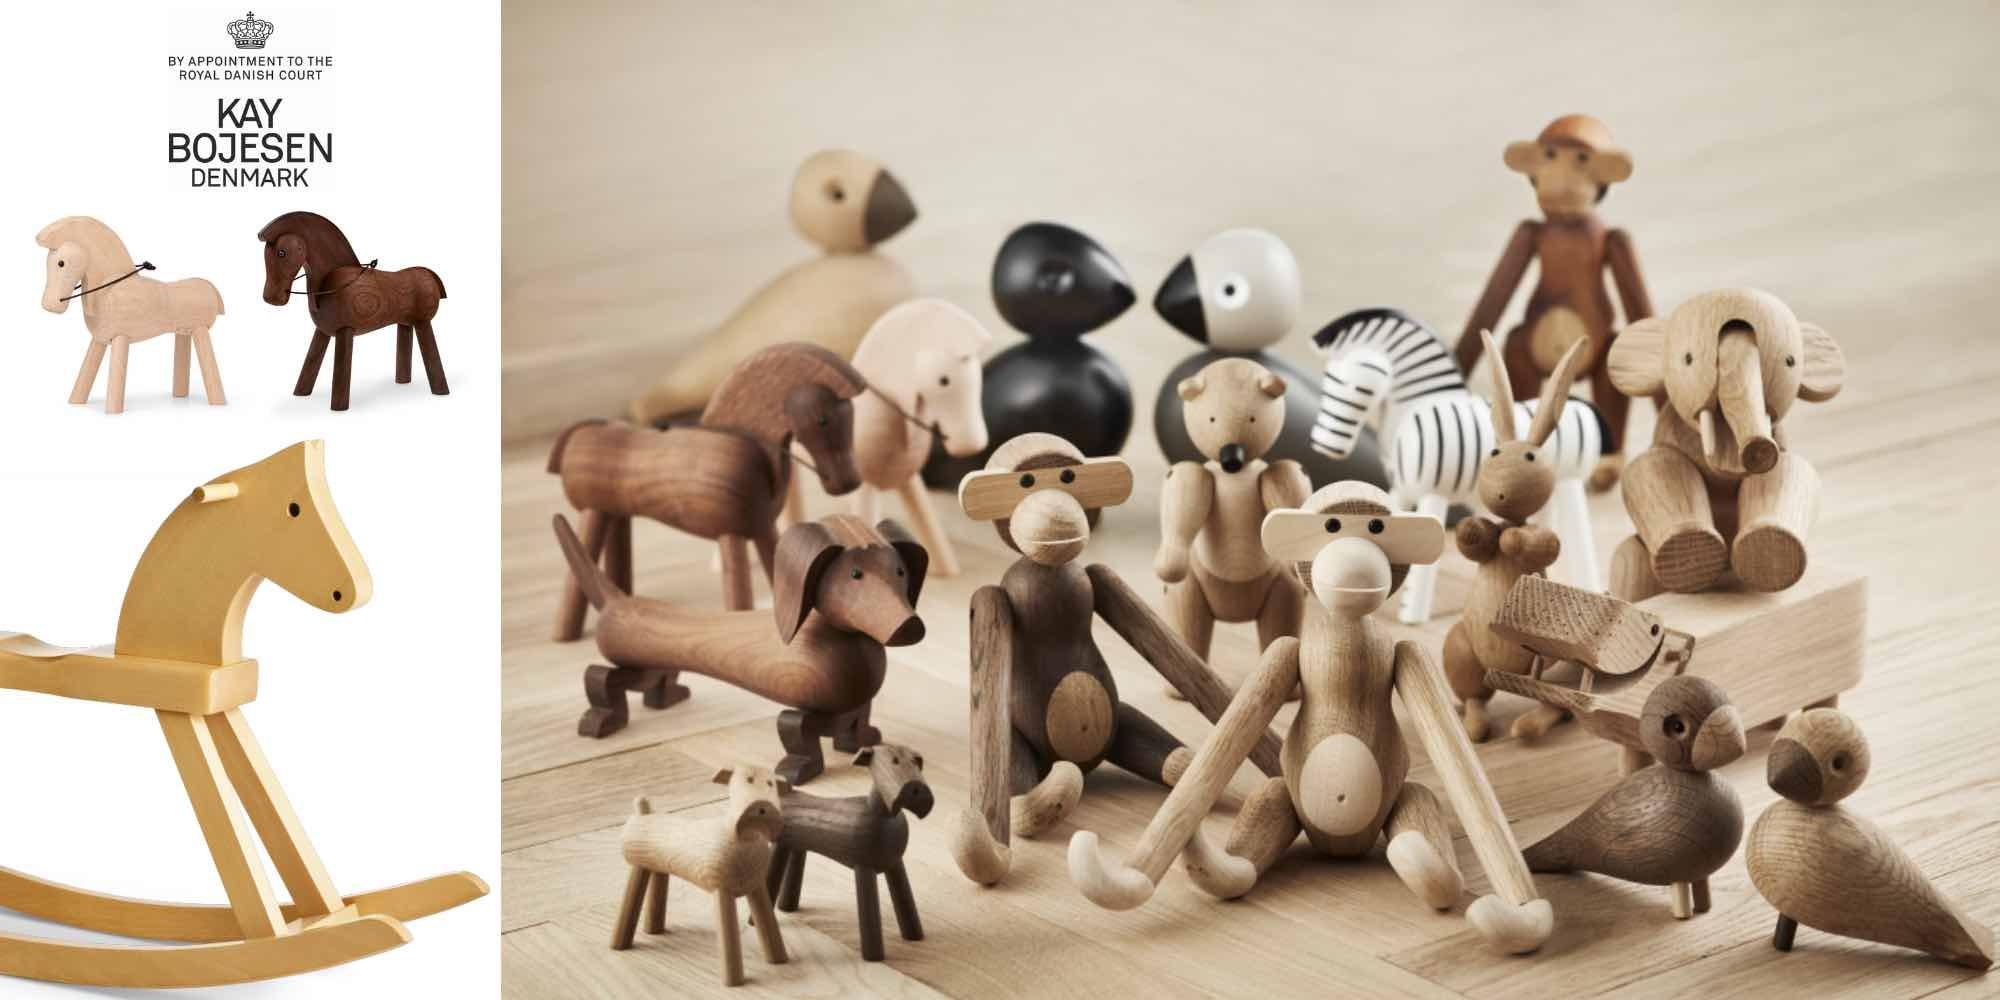 Affe aus Holz, Pferd, Schaukelpferd, Vogel, Elefant etc. von Kay Bojesen, Dänisch Design Klassiker, besondere Pferde Geschenke für Mädchen und Jungen